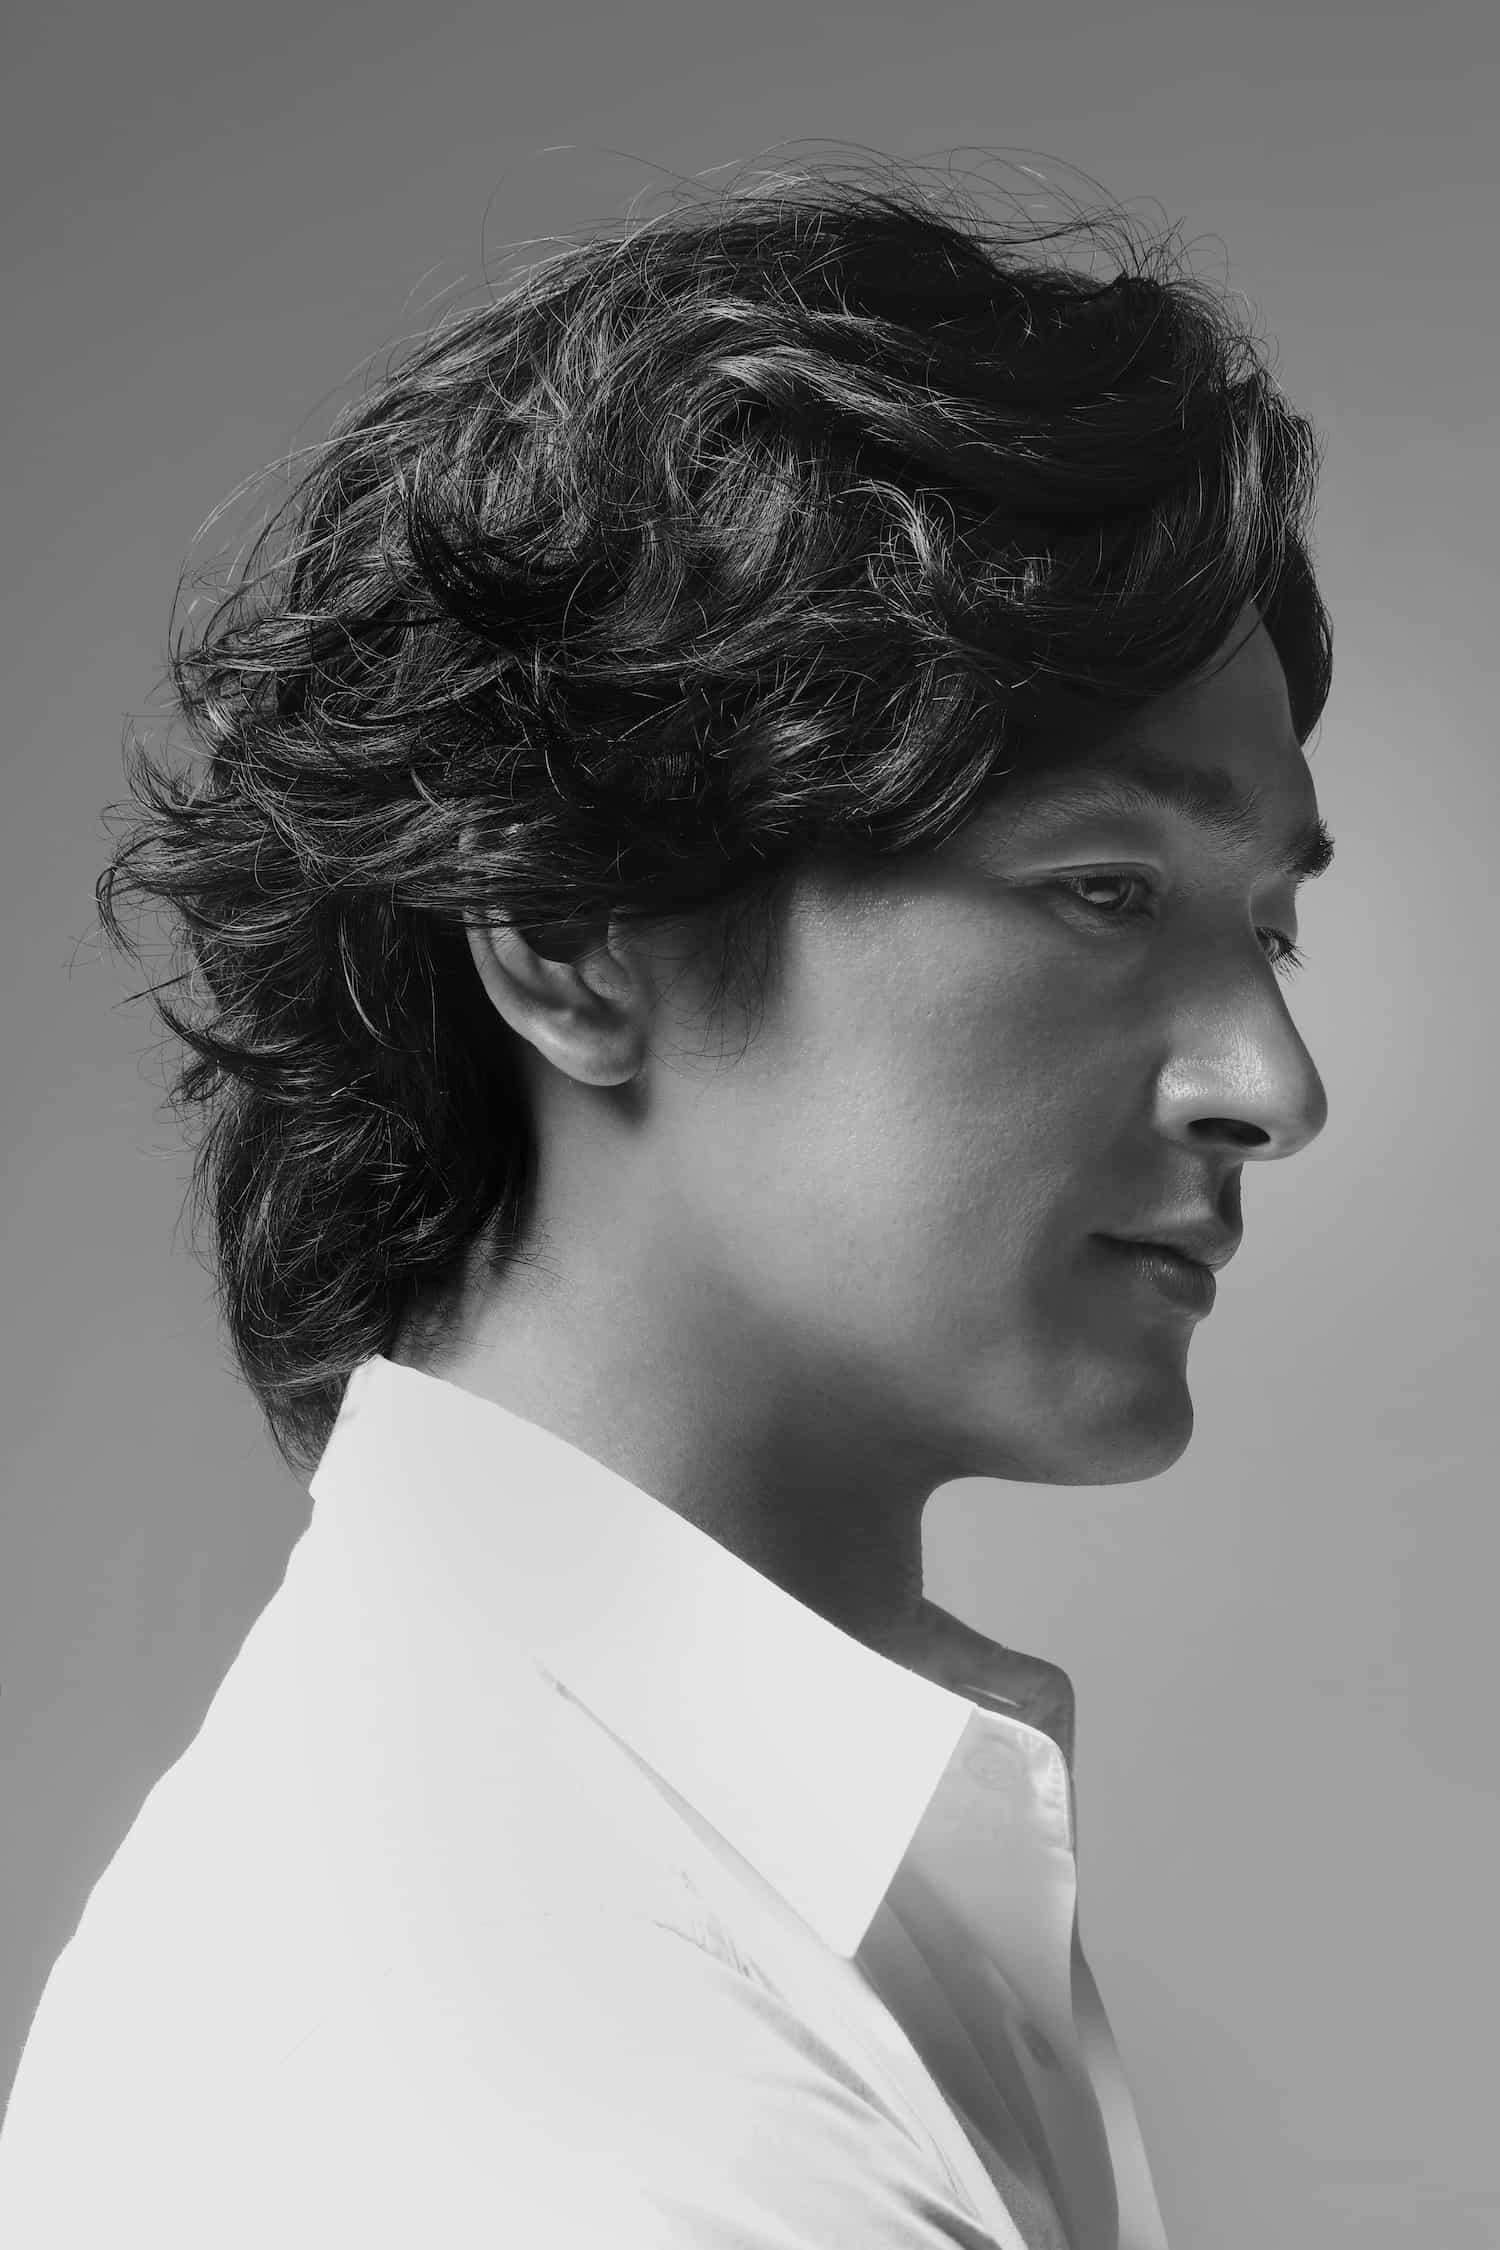 村松亮太郎(むらまつりょうたろう) NAKED, INC.代表